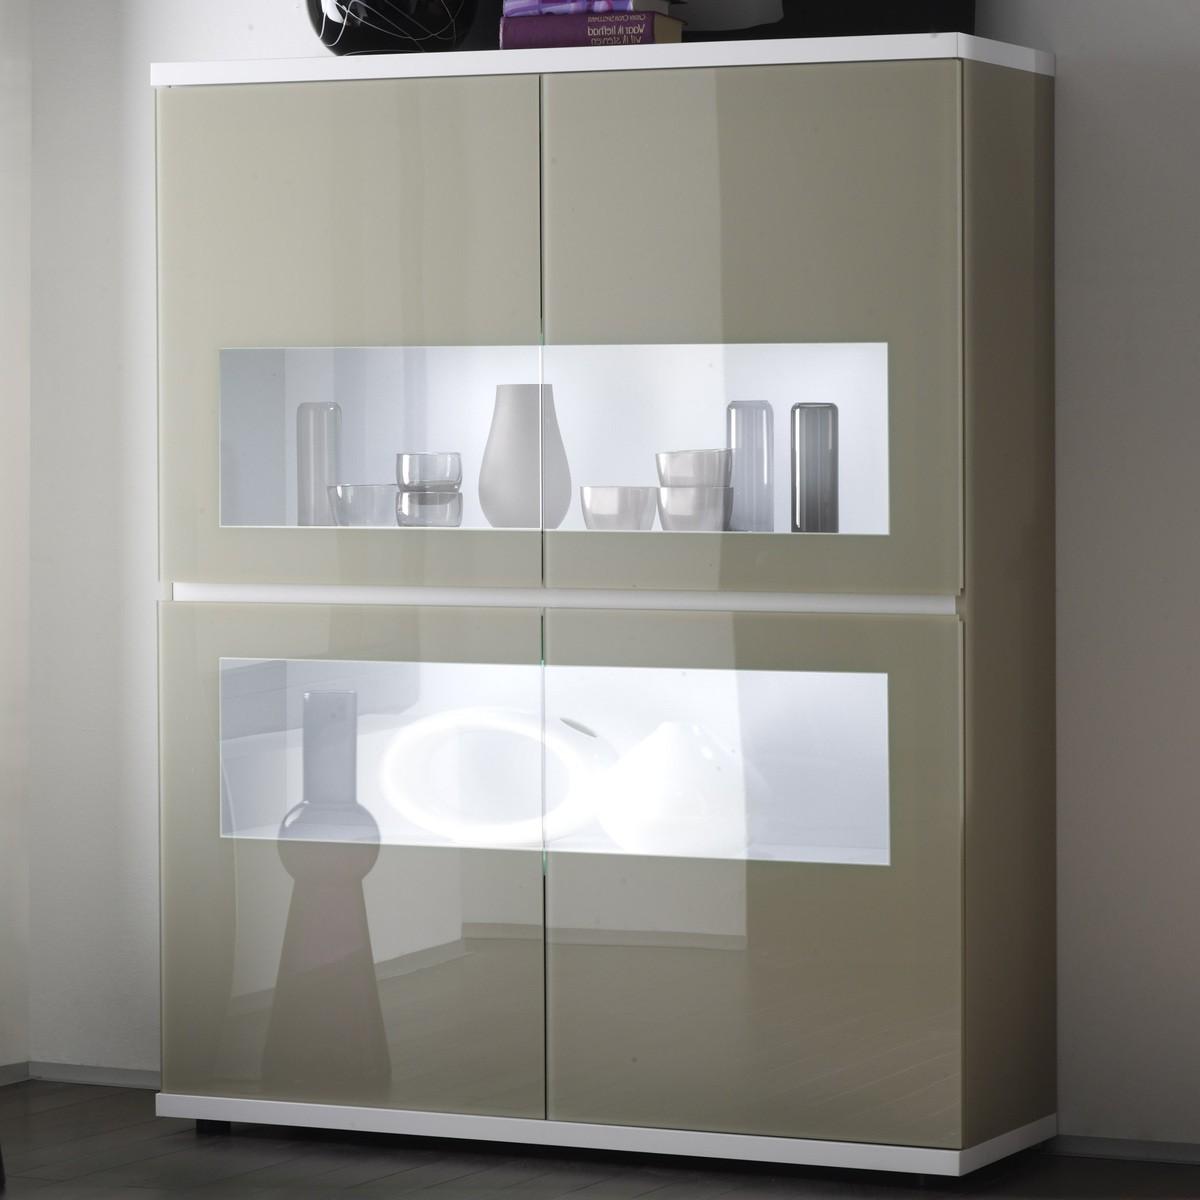 ... Piura Weiss Sandfarben mit Fronten aus Glas - 499.99 € - B2B-Trade